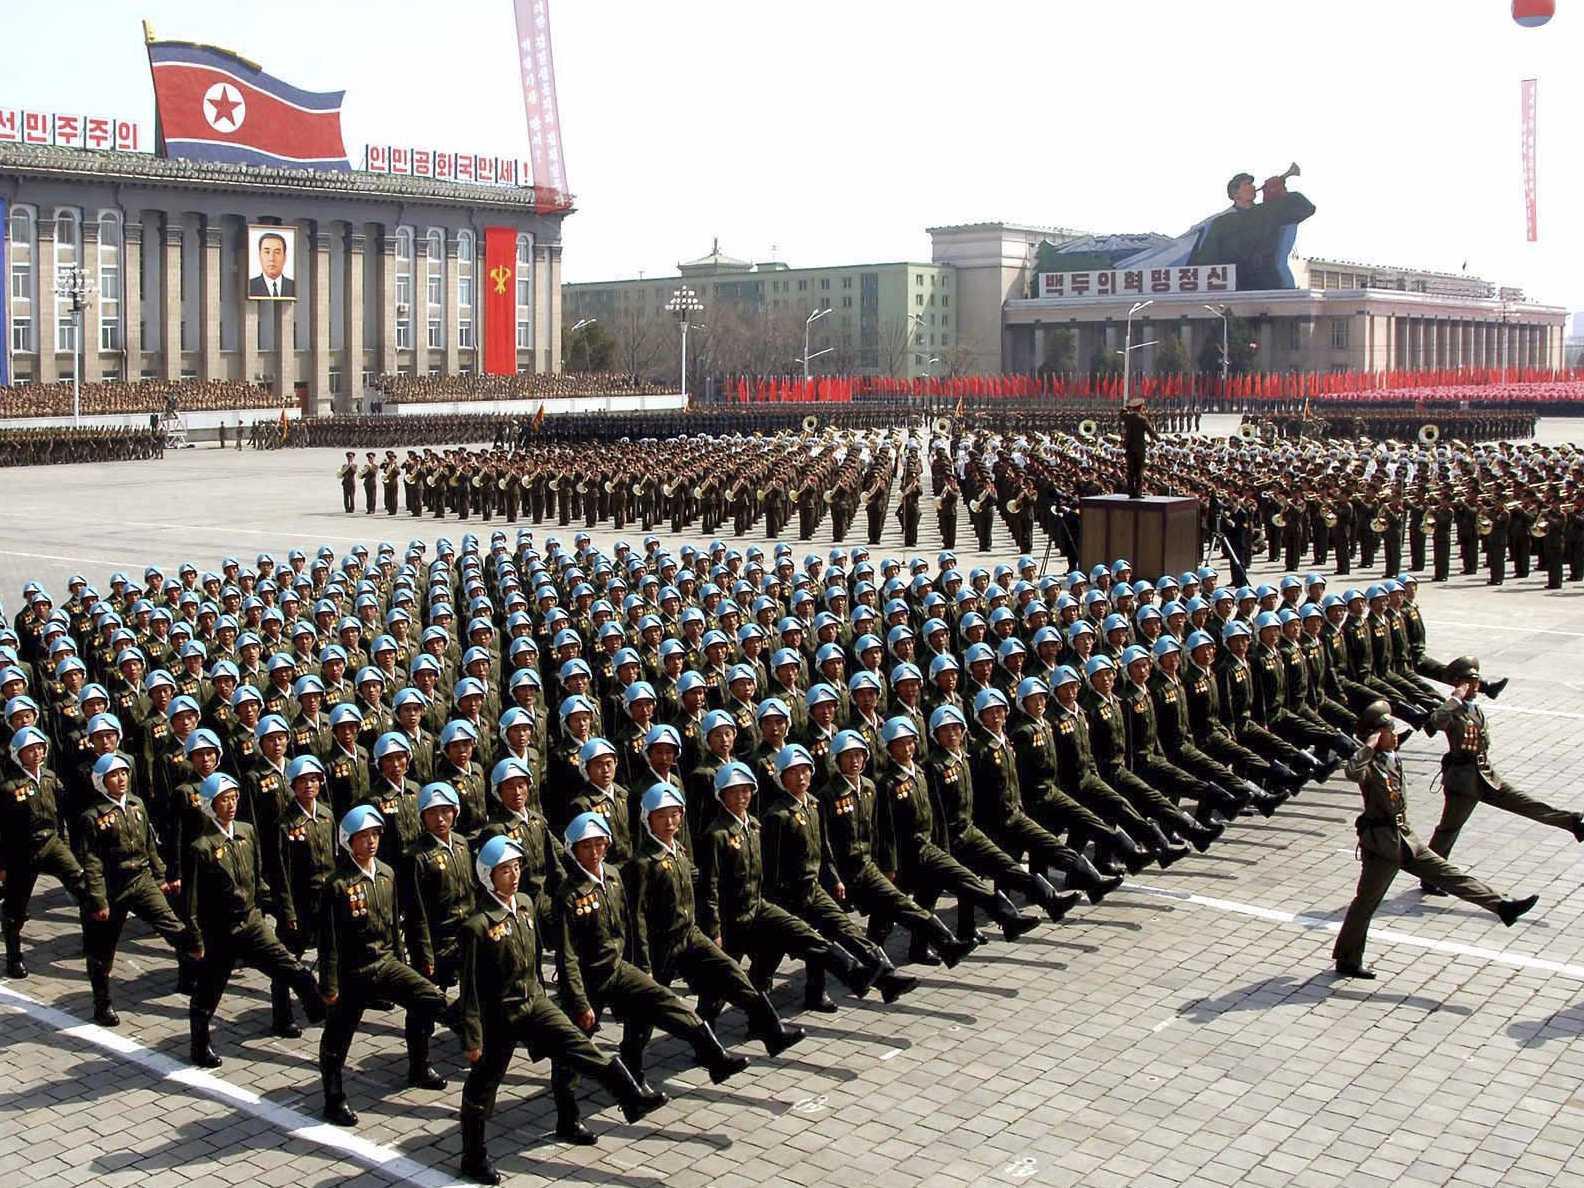 Corea del Norte prepara un gran desfile militar para los Juegos Olímpicos de invierno